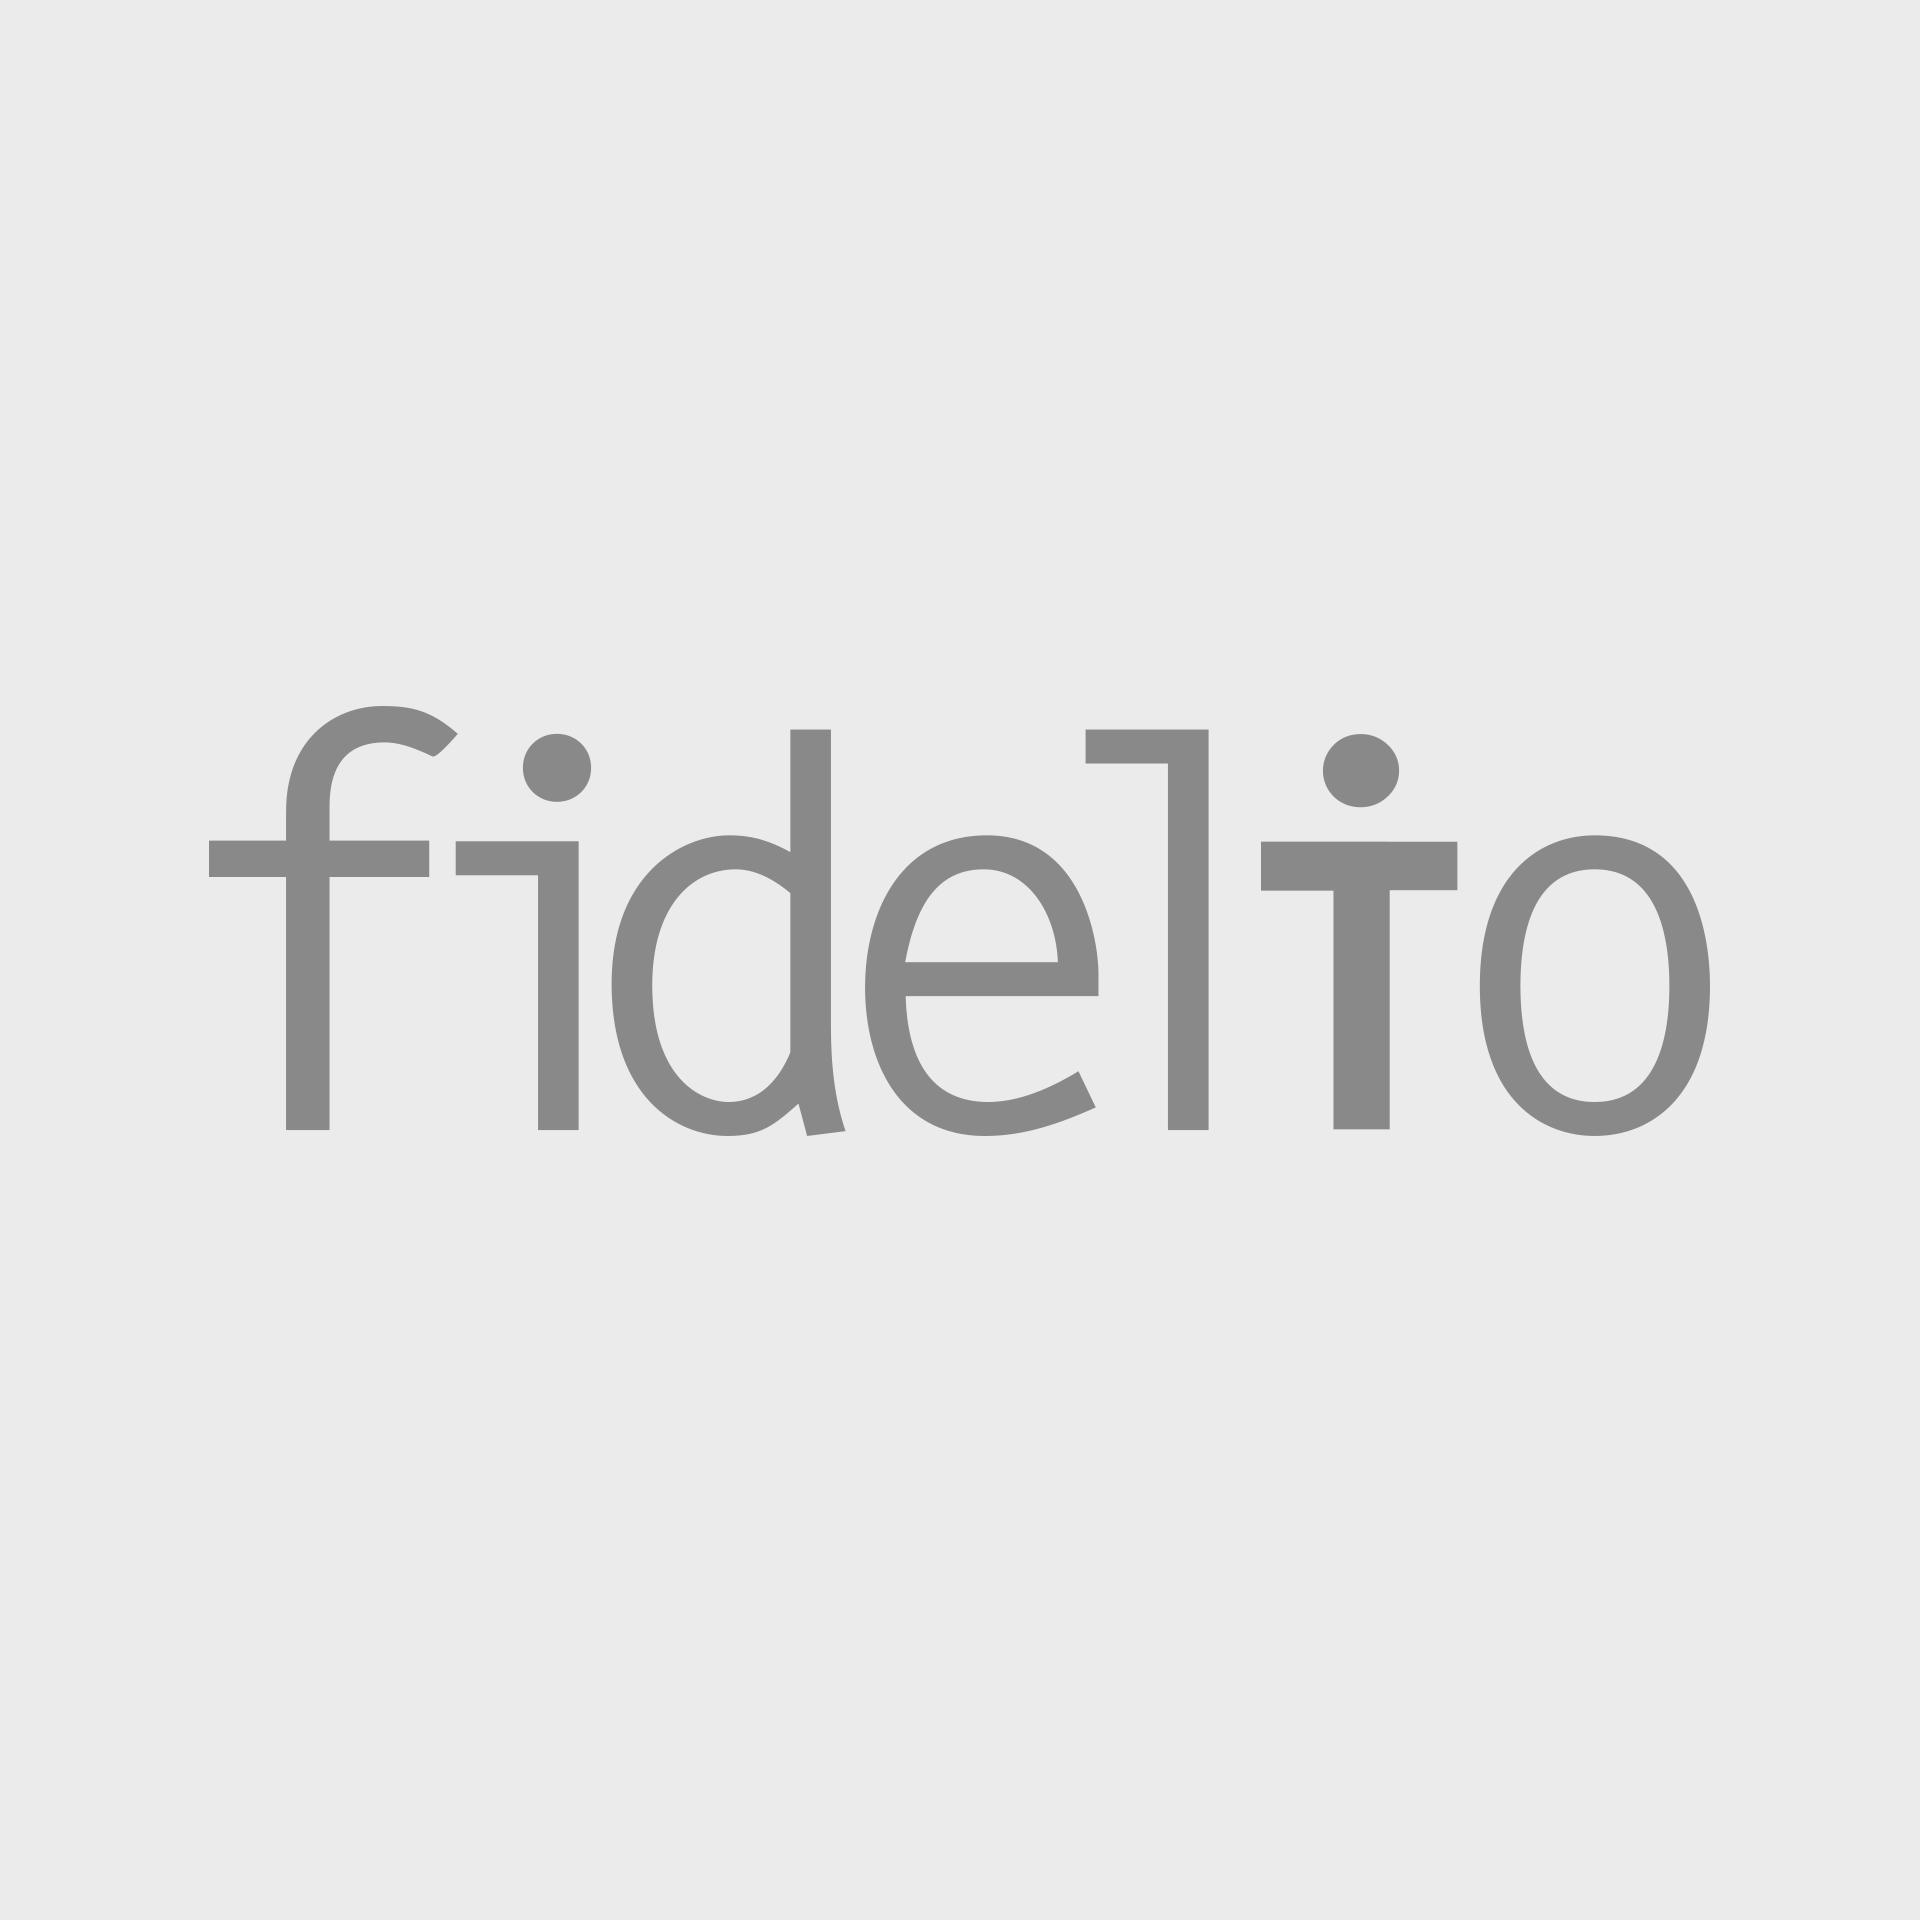 Fidelio Napi Zene - Bartók Béla: A kékszakállú herceg vára